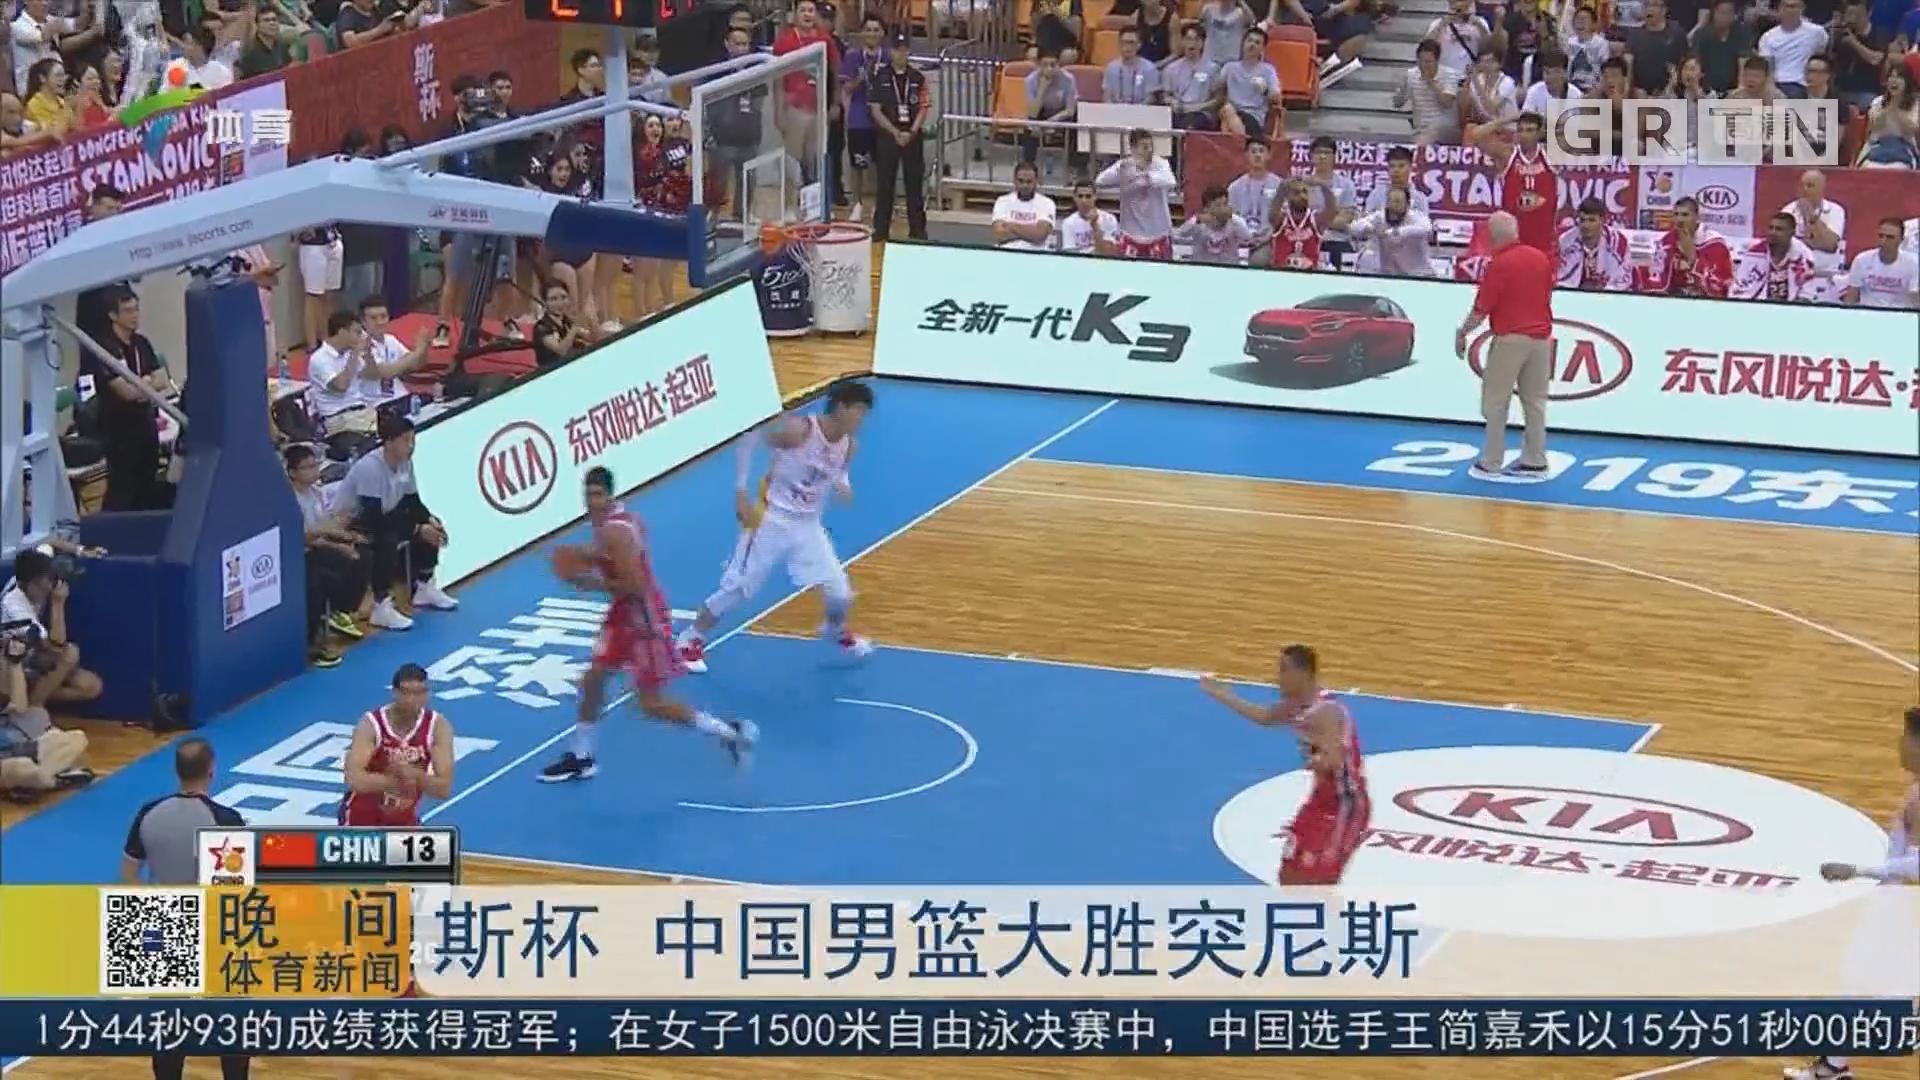 斯杯 中国男篮大胜突尼斯